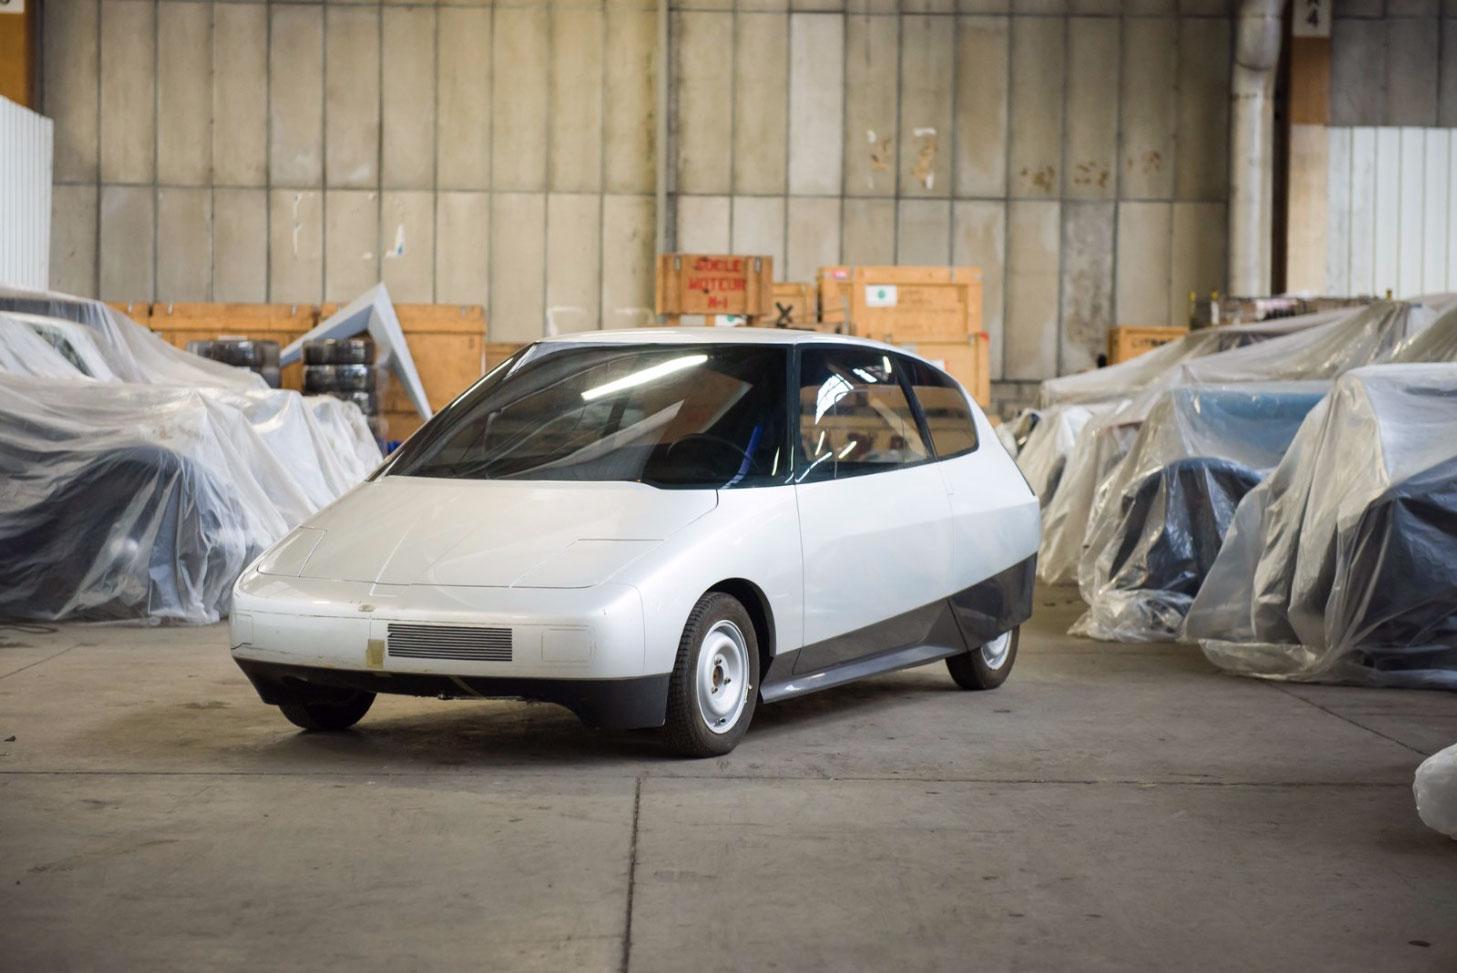 1983 Citroën Eco 2000 Blanche